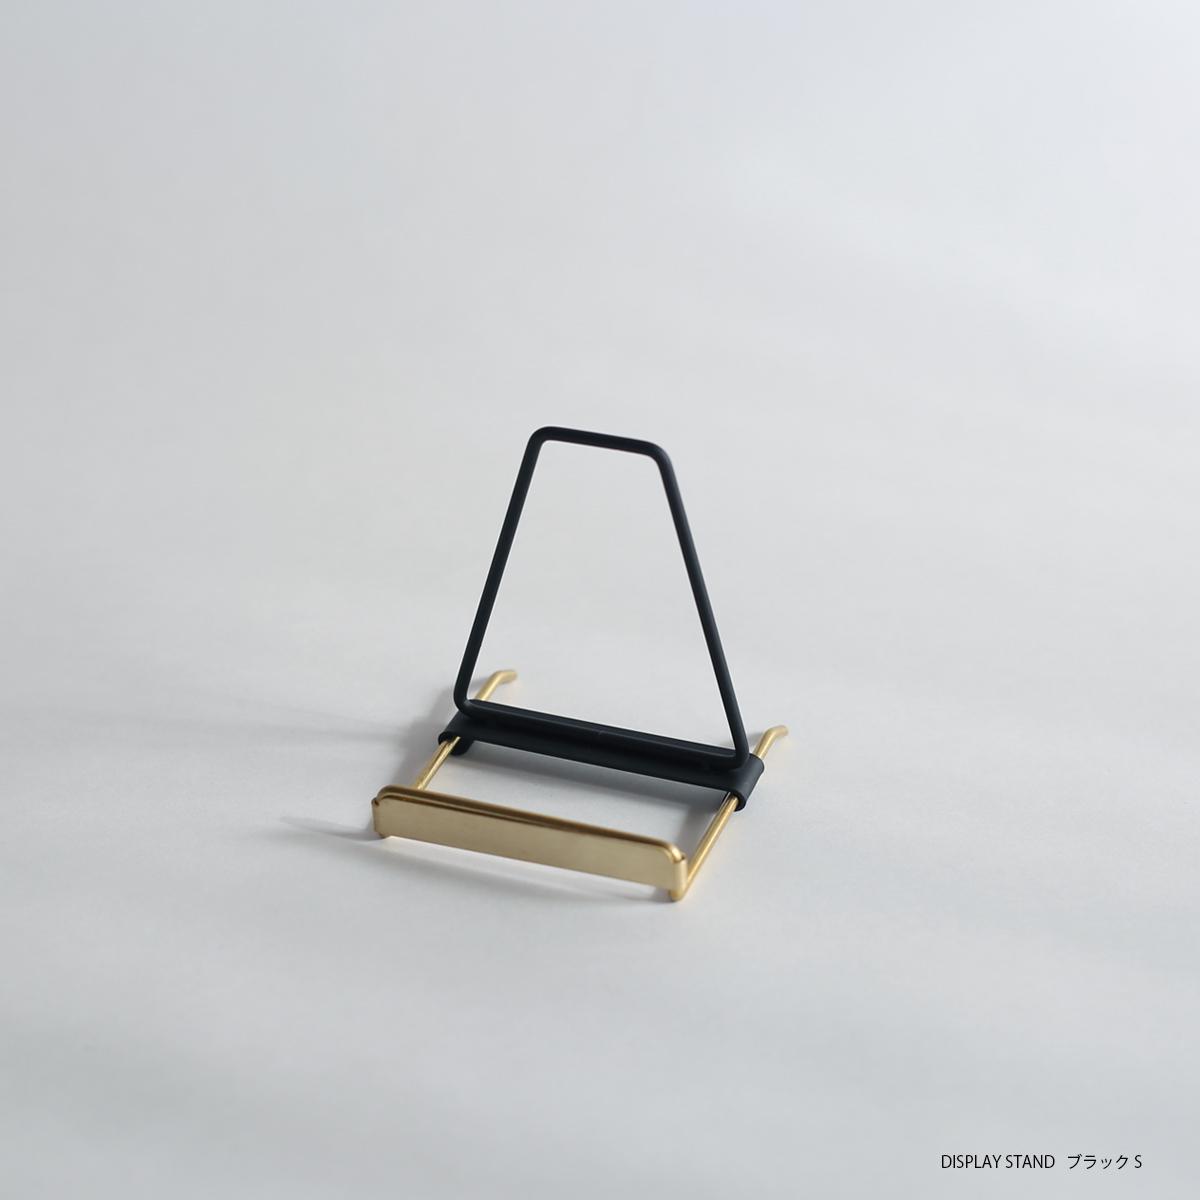 ディスプレイスタンド/シンプル/真鍮/卓上/おすすめ/おしゃれ/かわいい/小型/デスクトップ/什器/店舗什器